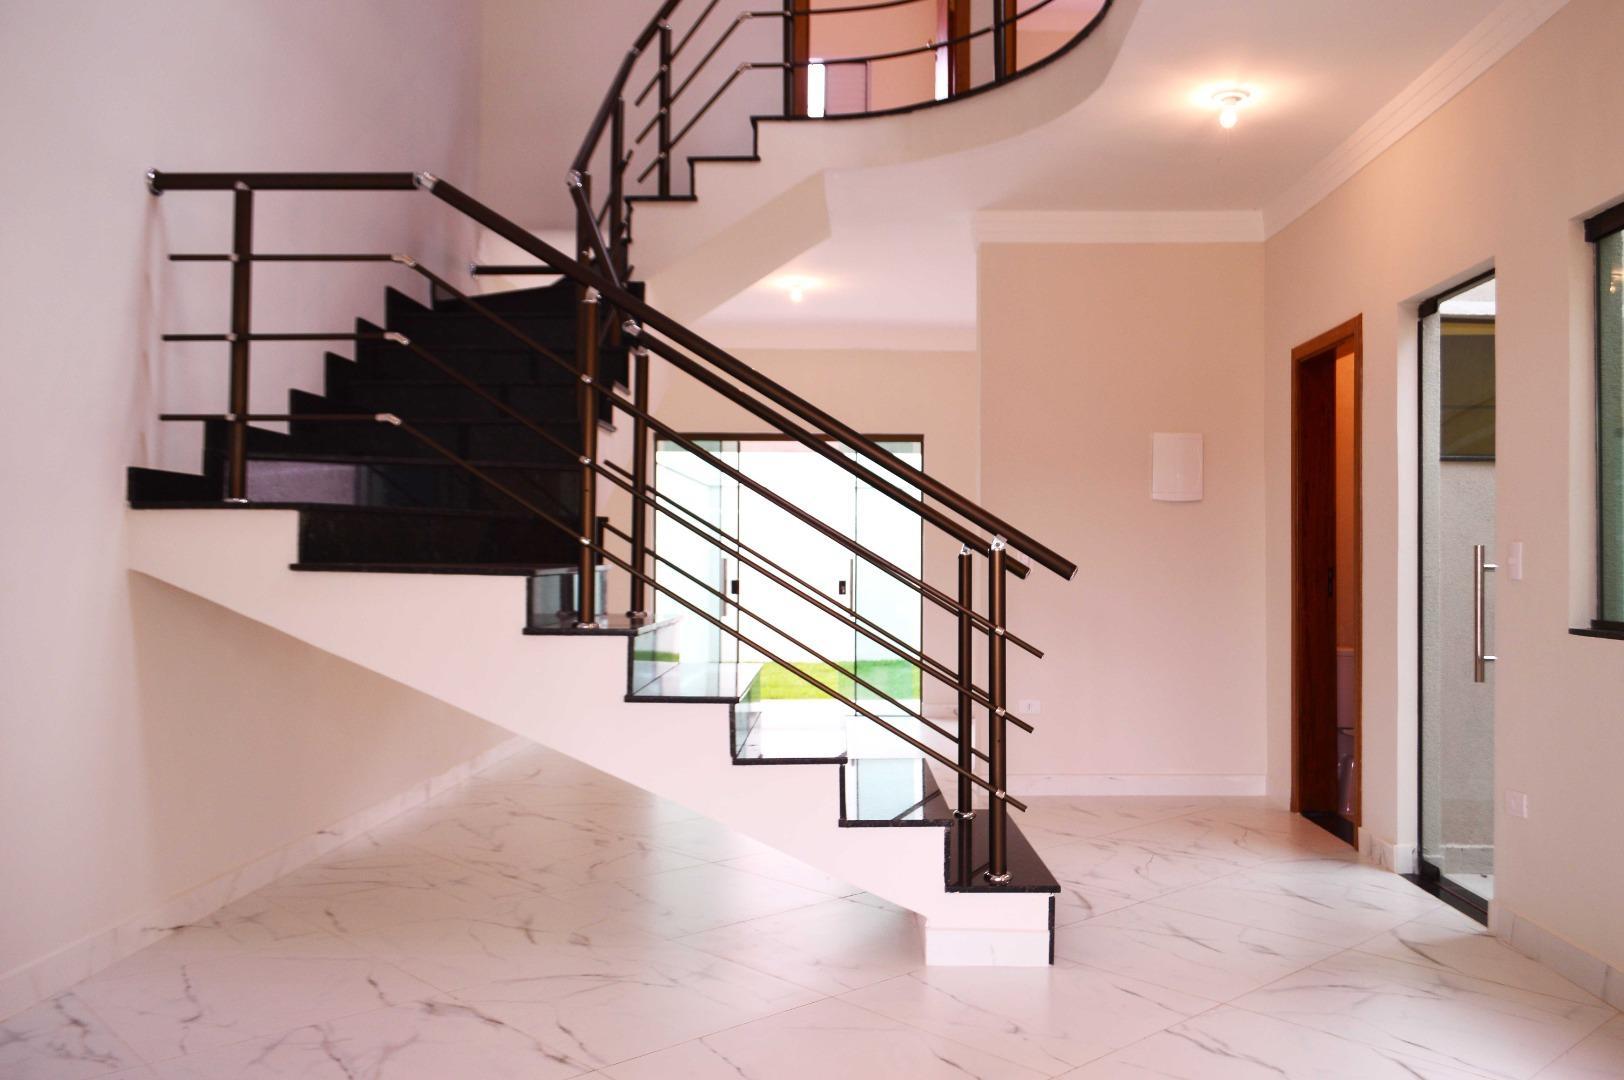 Casa com 3 dormitórios à venda, 140 m² por R$ 550.000,00 - Parque Universitário - Americana/SP